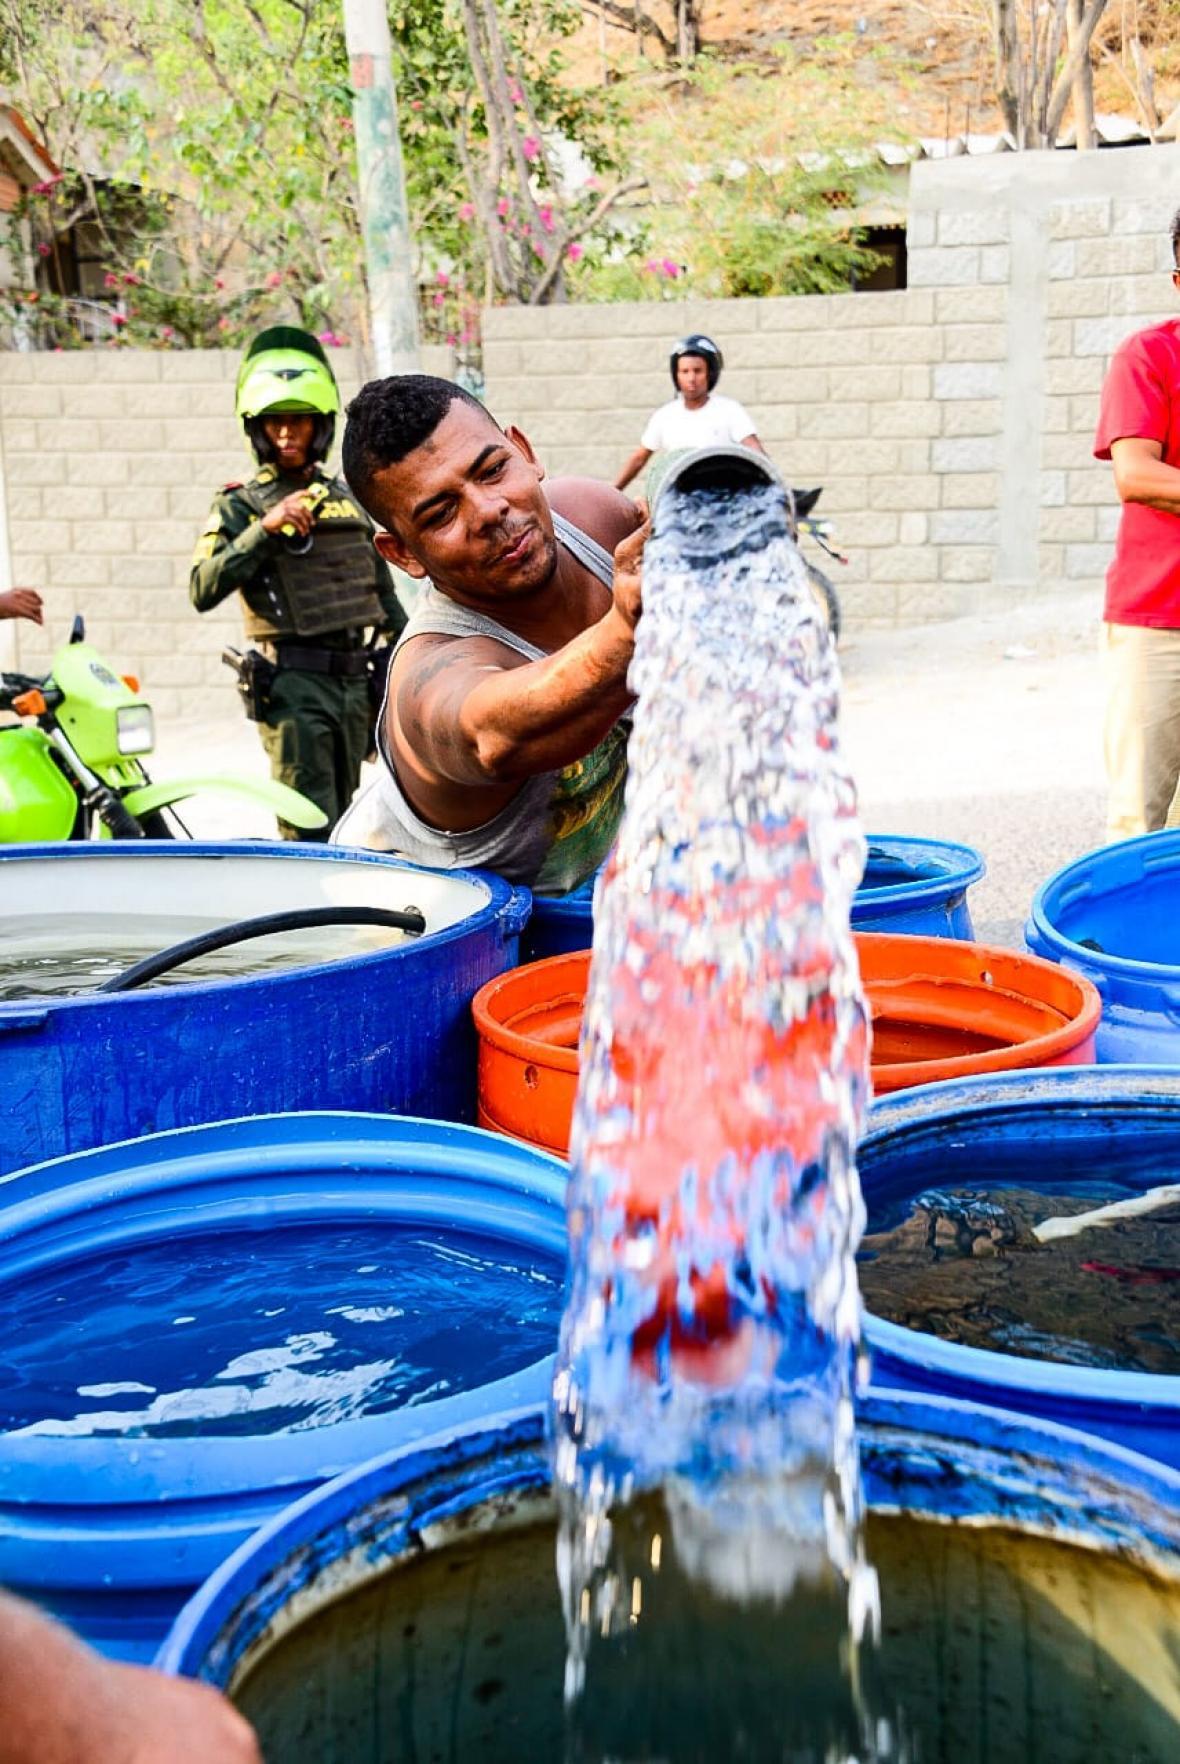 Hombre recolecta agua del carrotanque.